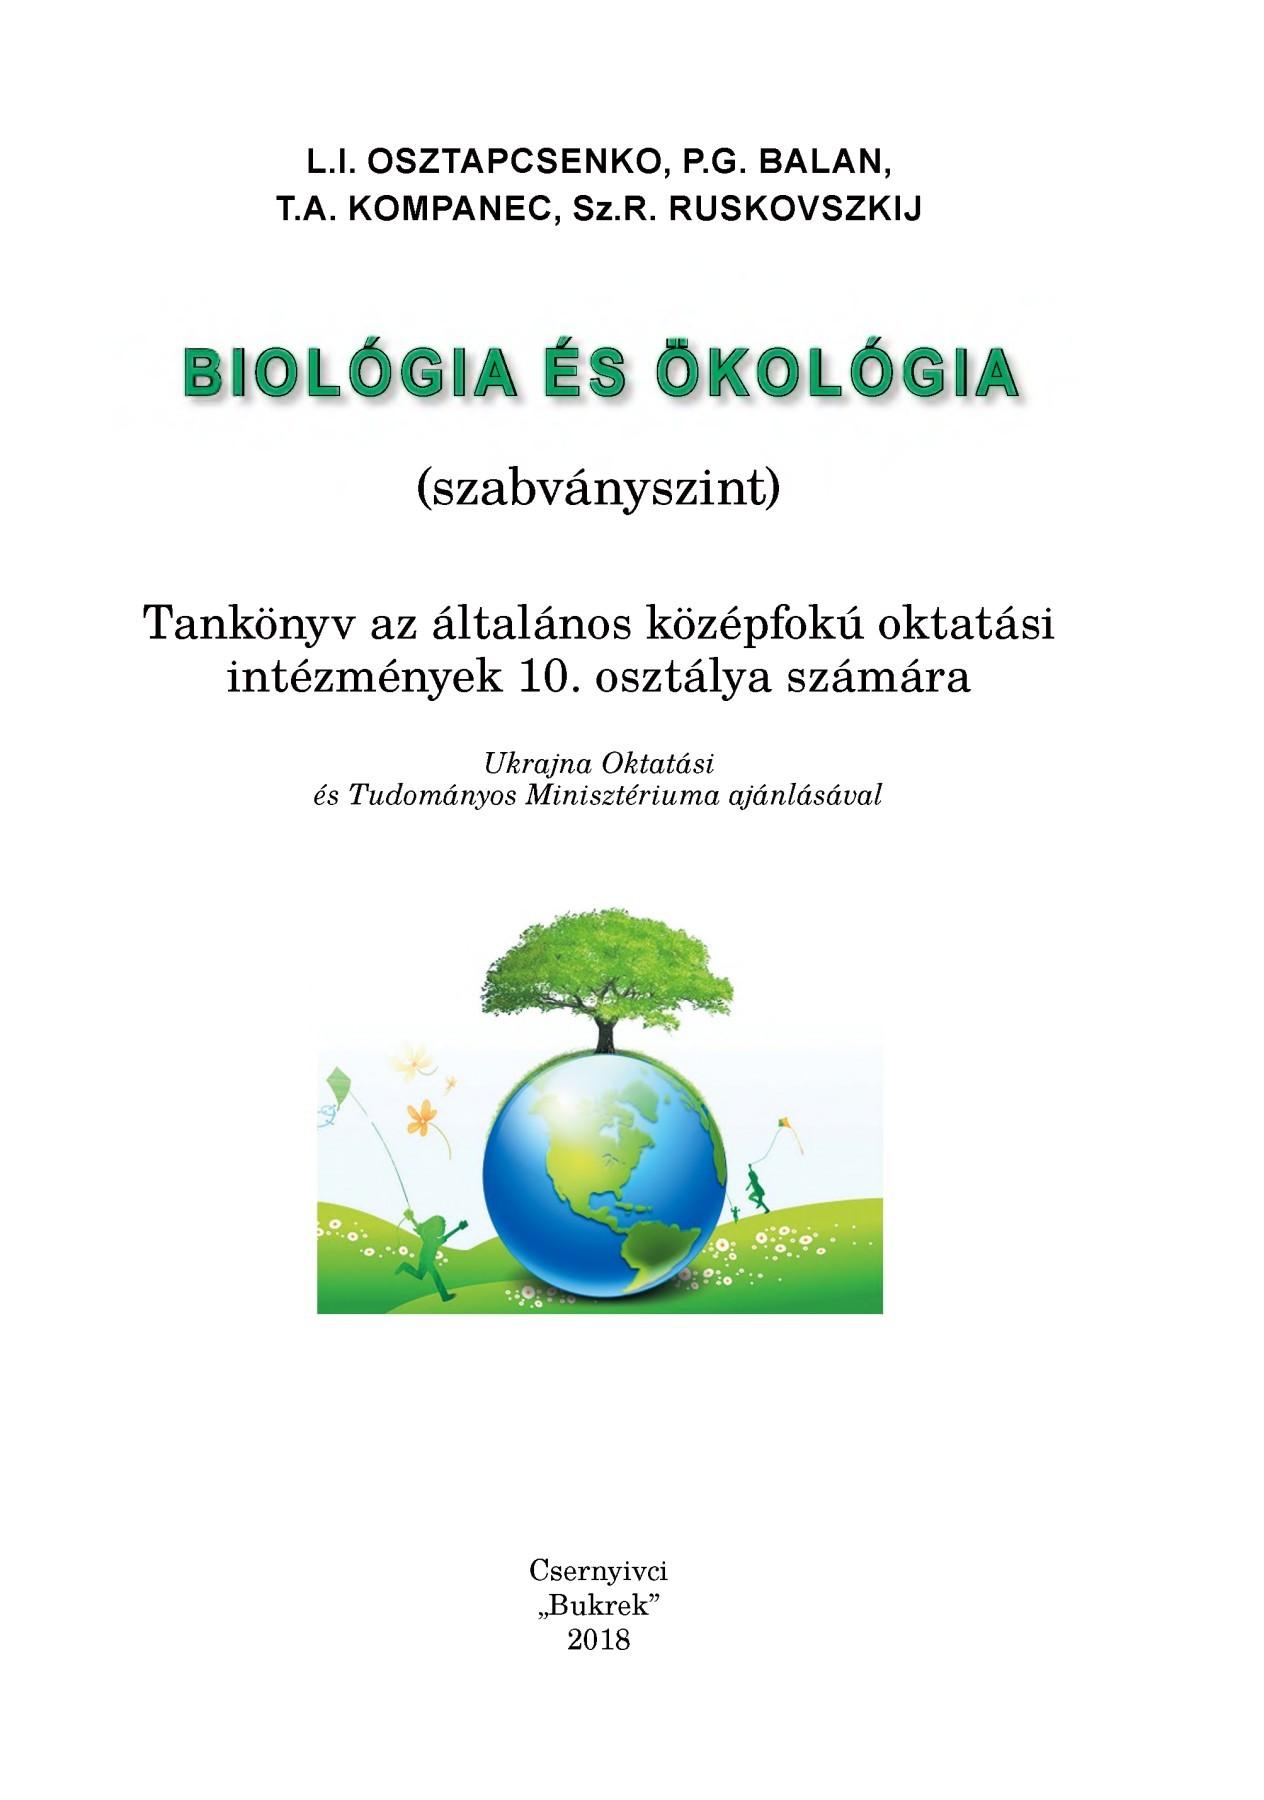 Gombák saprotrofák és paraziták. Saprotrofák és paraziták. Paraziták szimbólumok saprotrofák